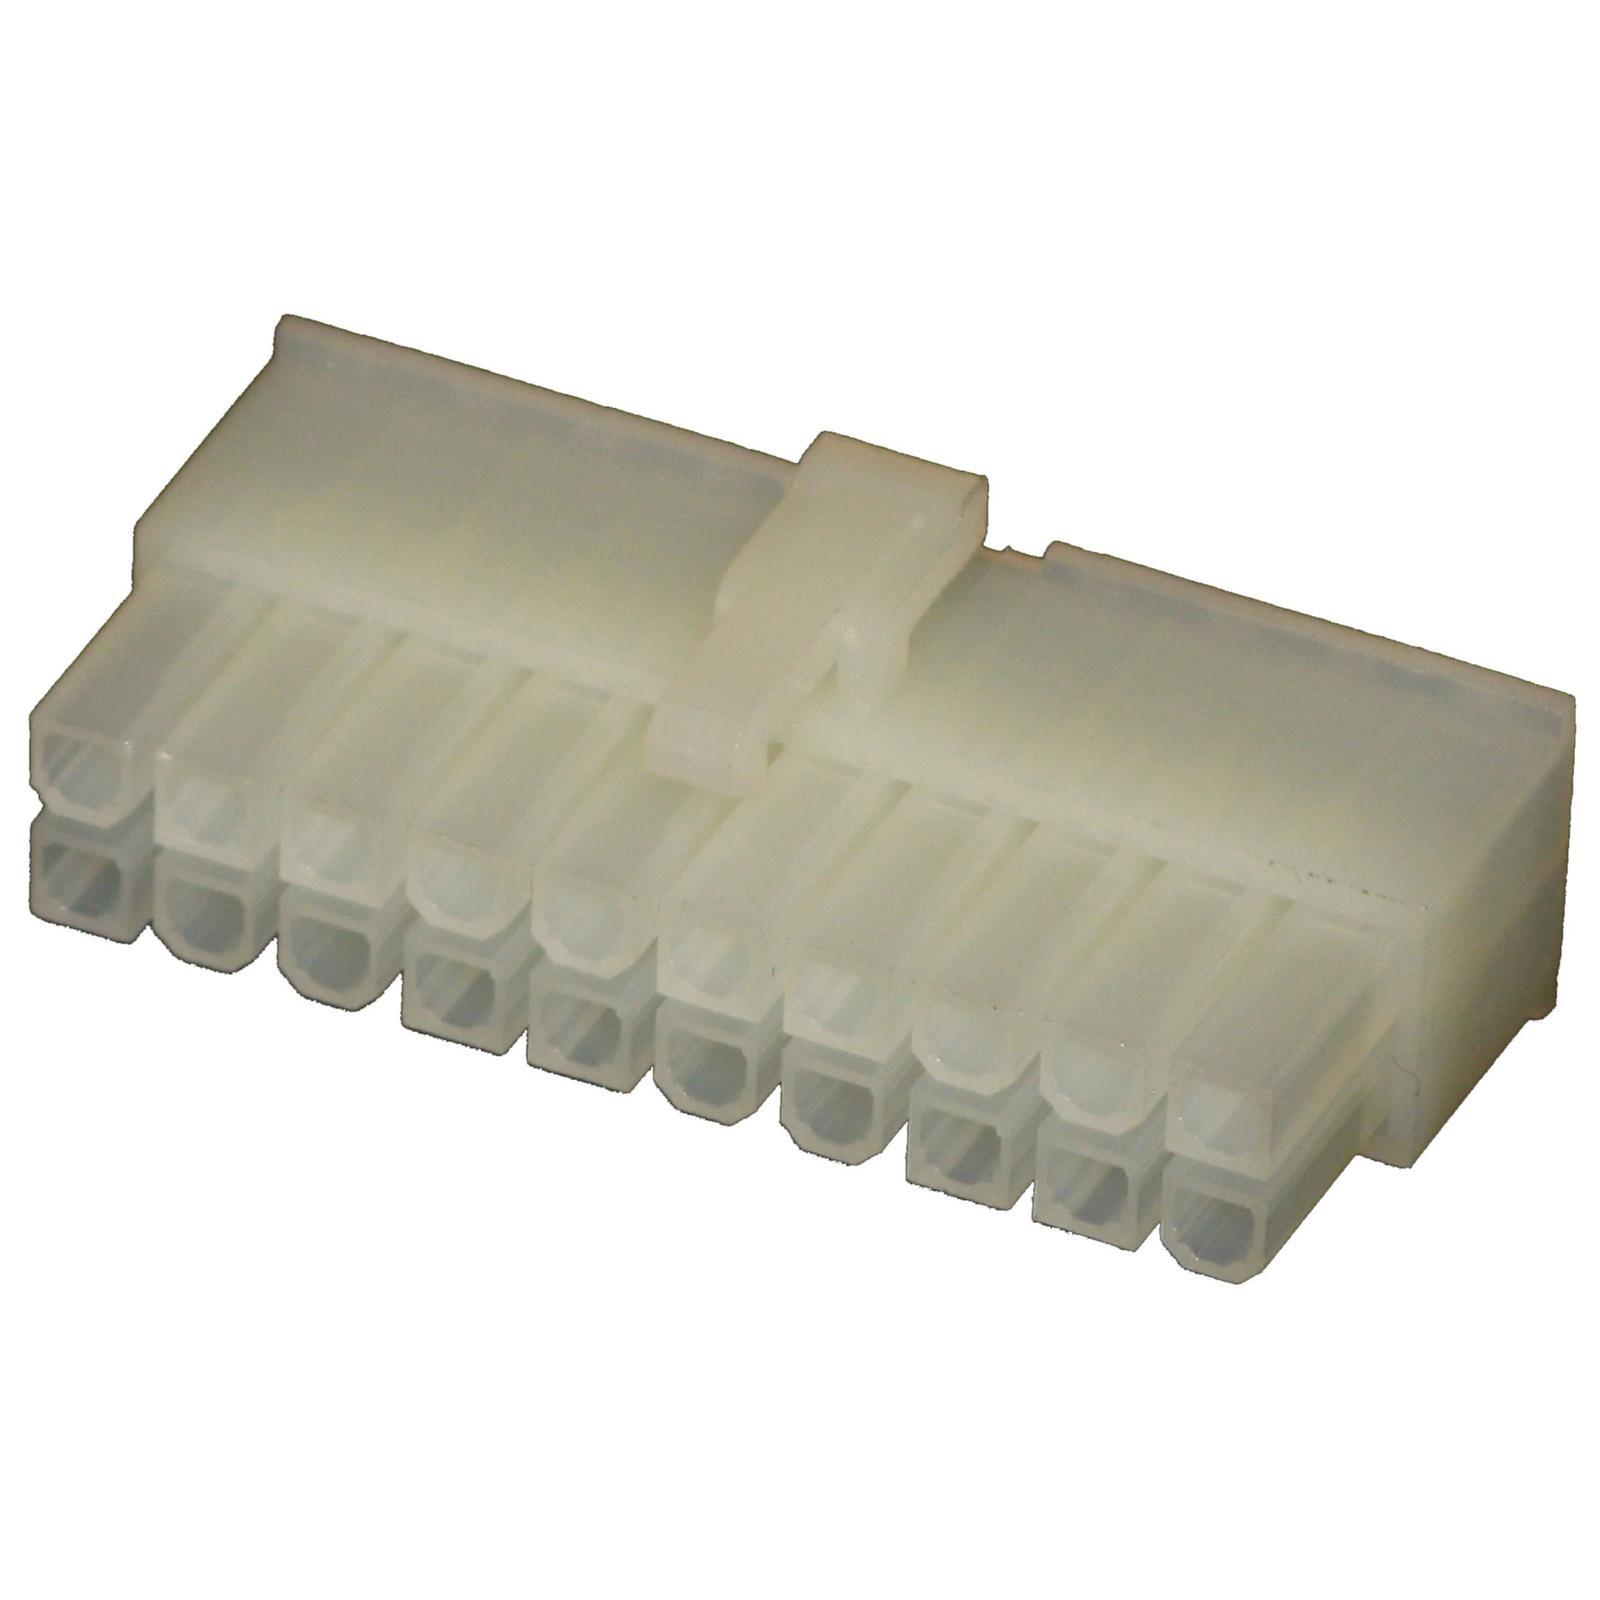 10PCS X 52892-1890 528921890 0528921890 MOLEX connector